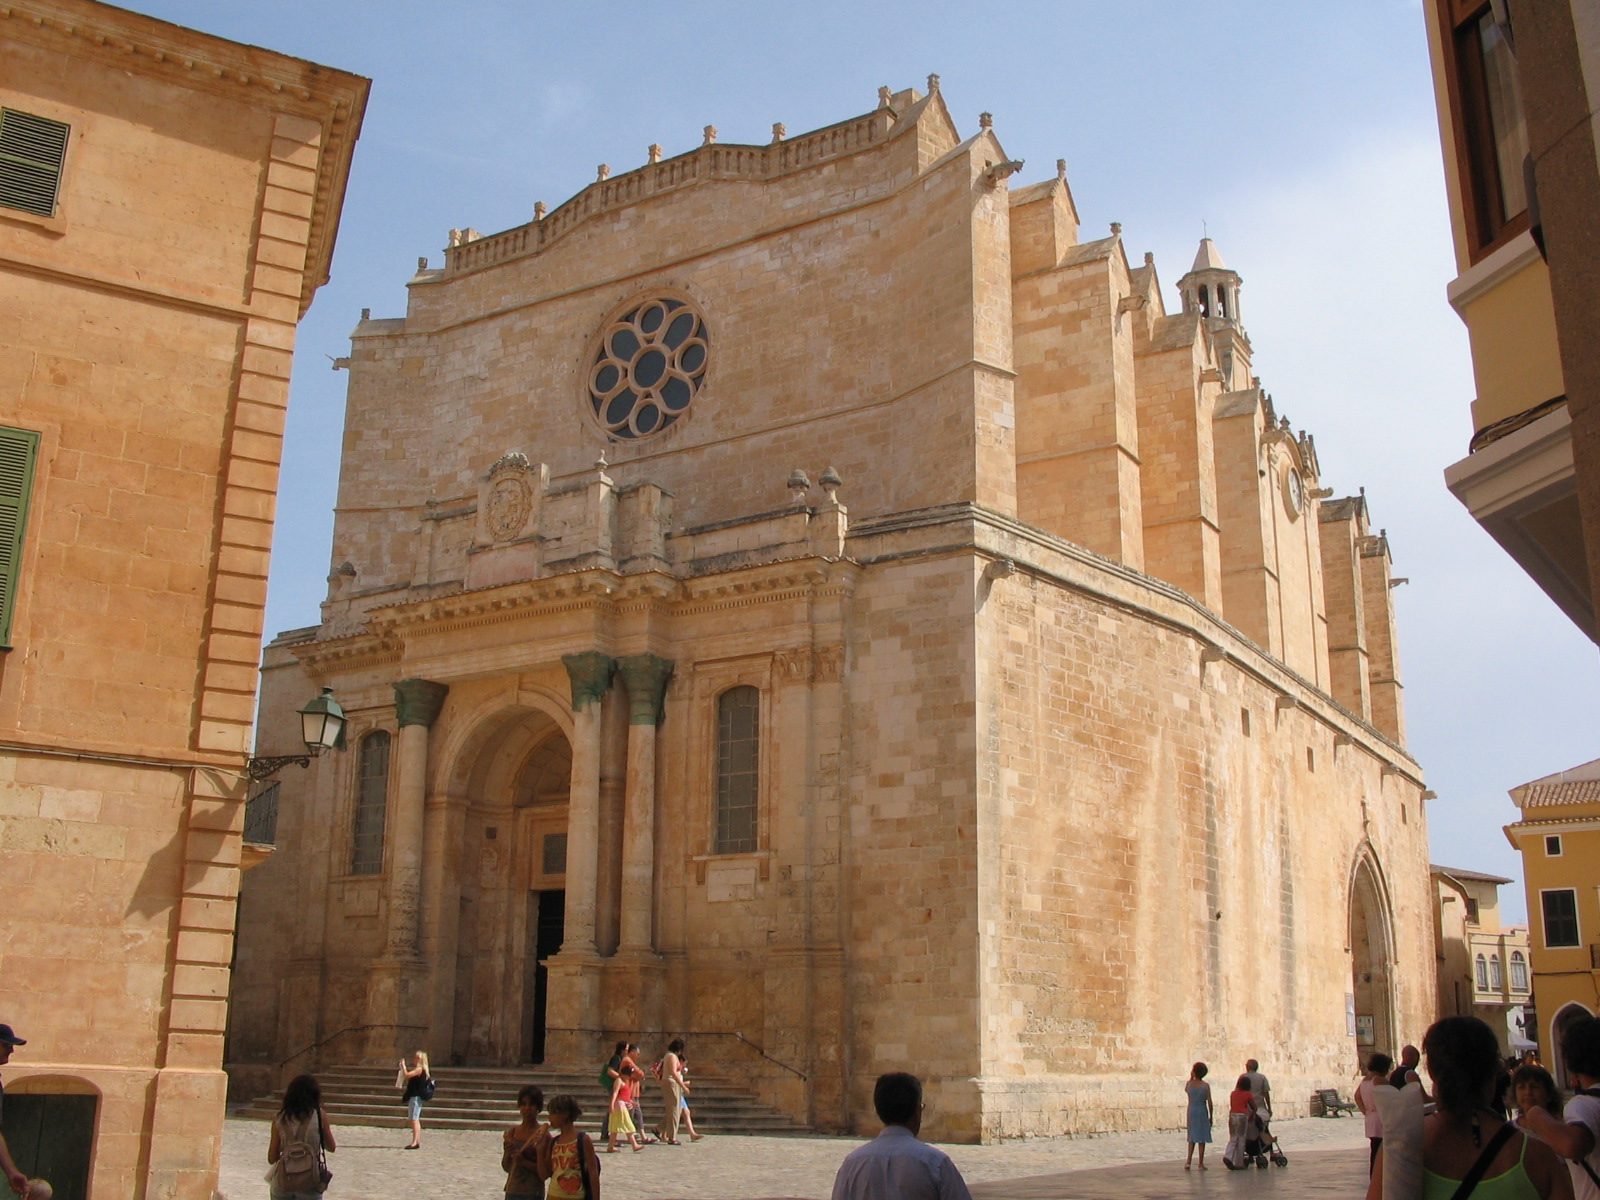 Fachada de entrada principal de la Catedral de Santa María.